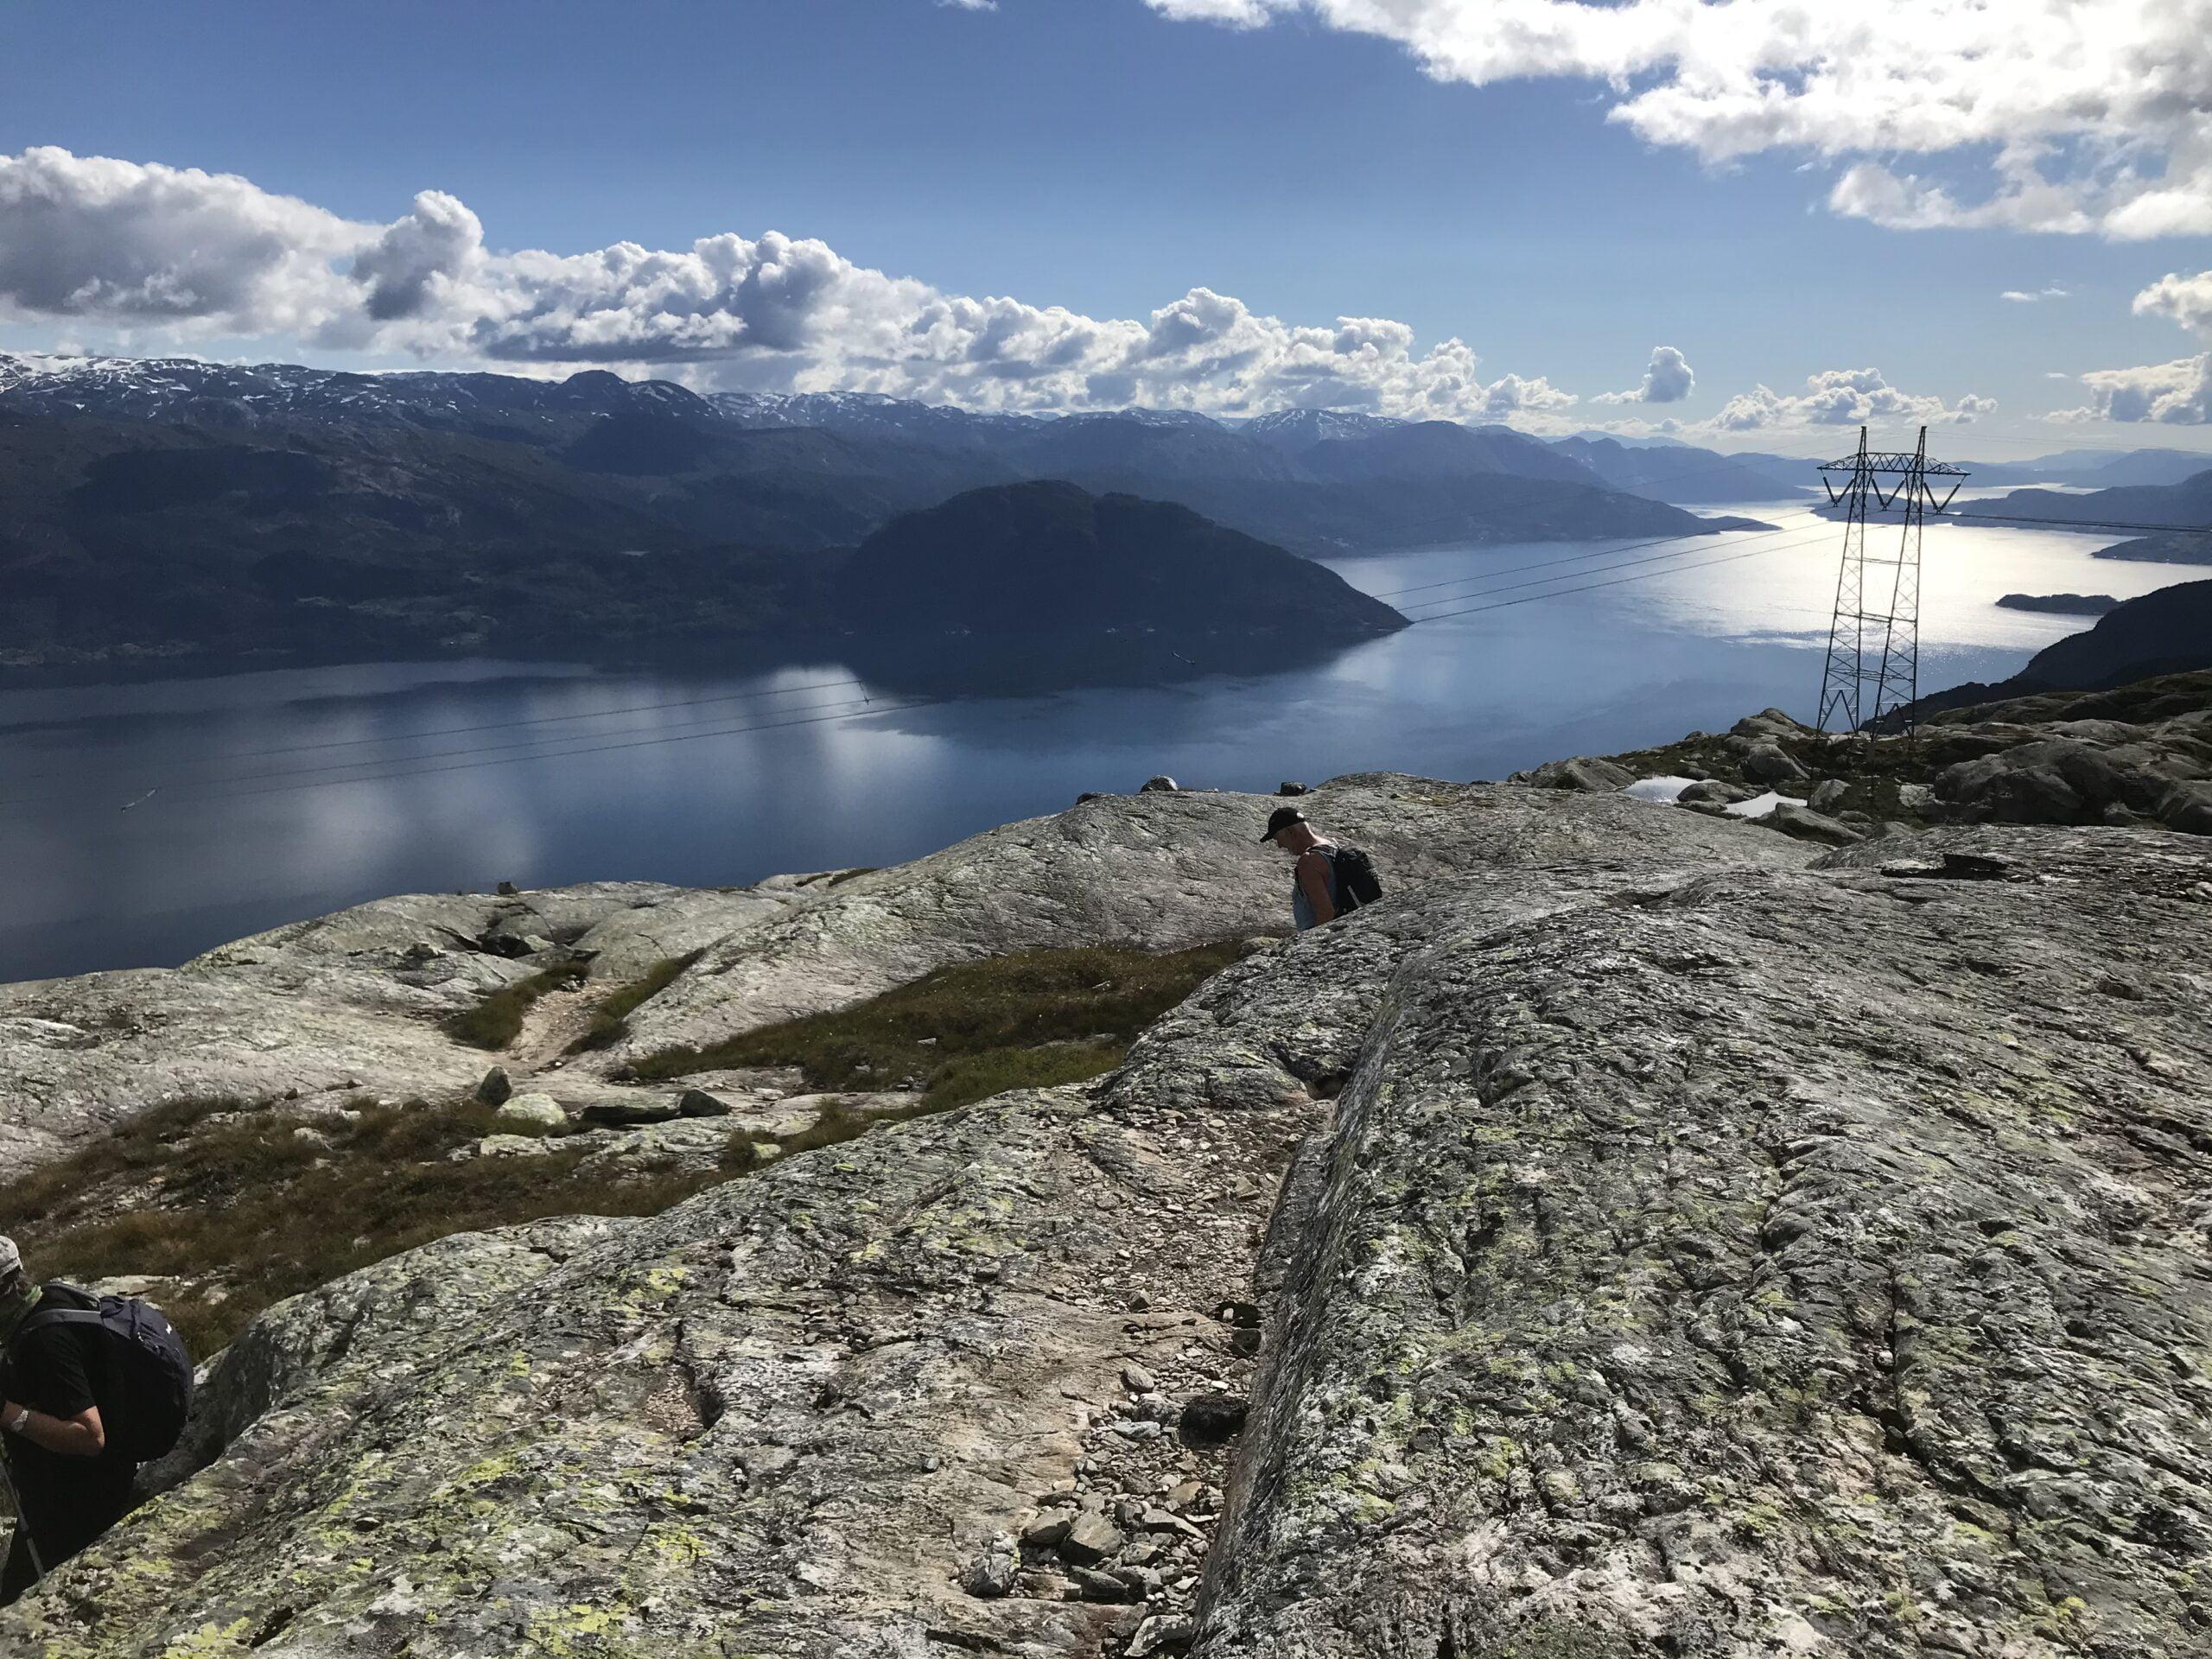 Fjellpartiet Giljafjellet var goldt og særprega og utsikten utover Hardangerfjorden var overveldande.